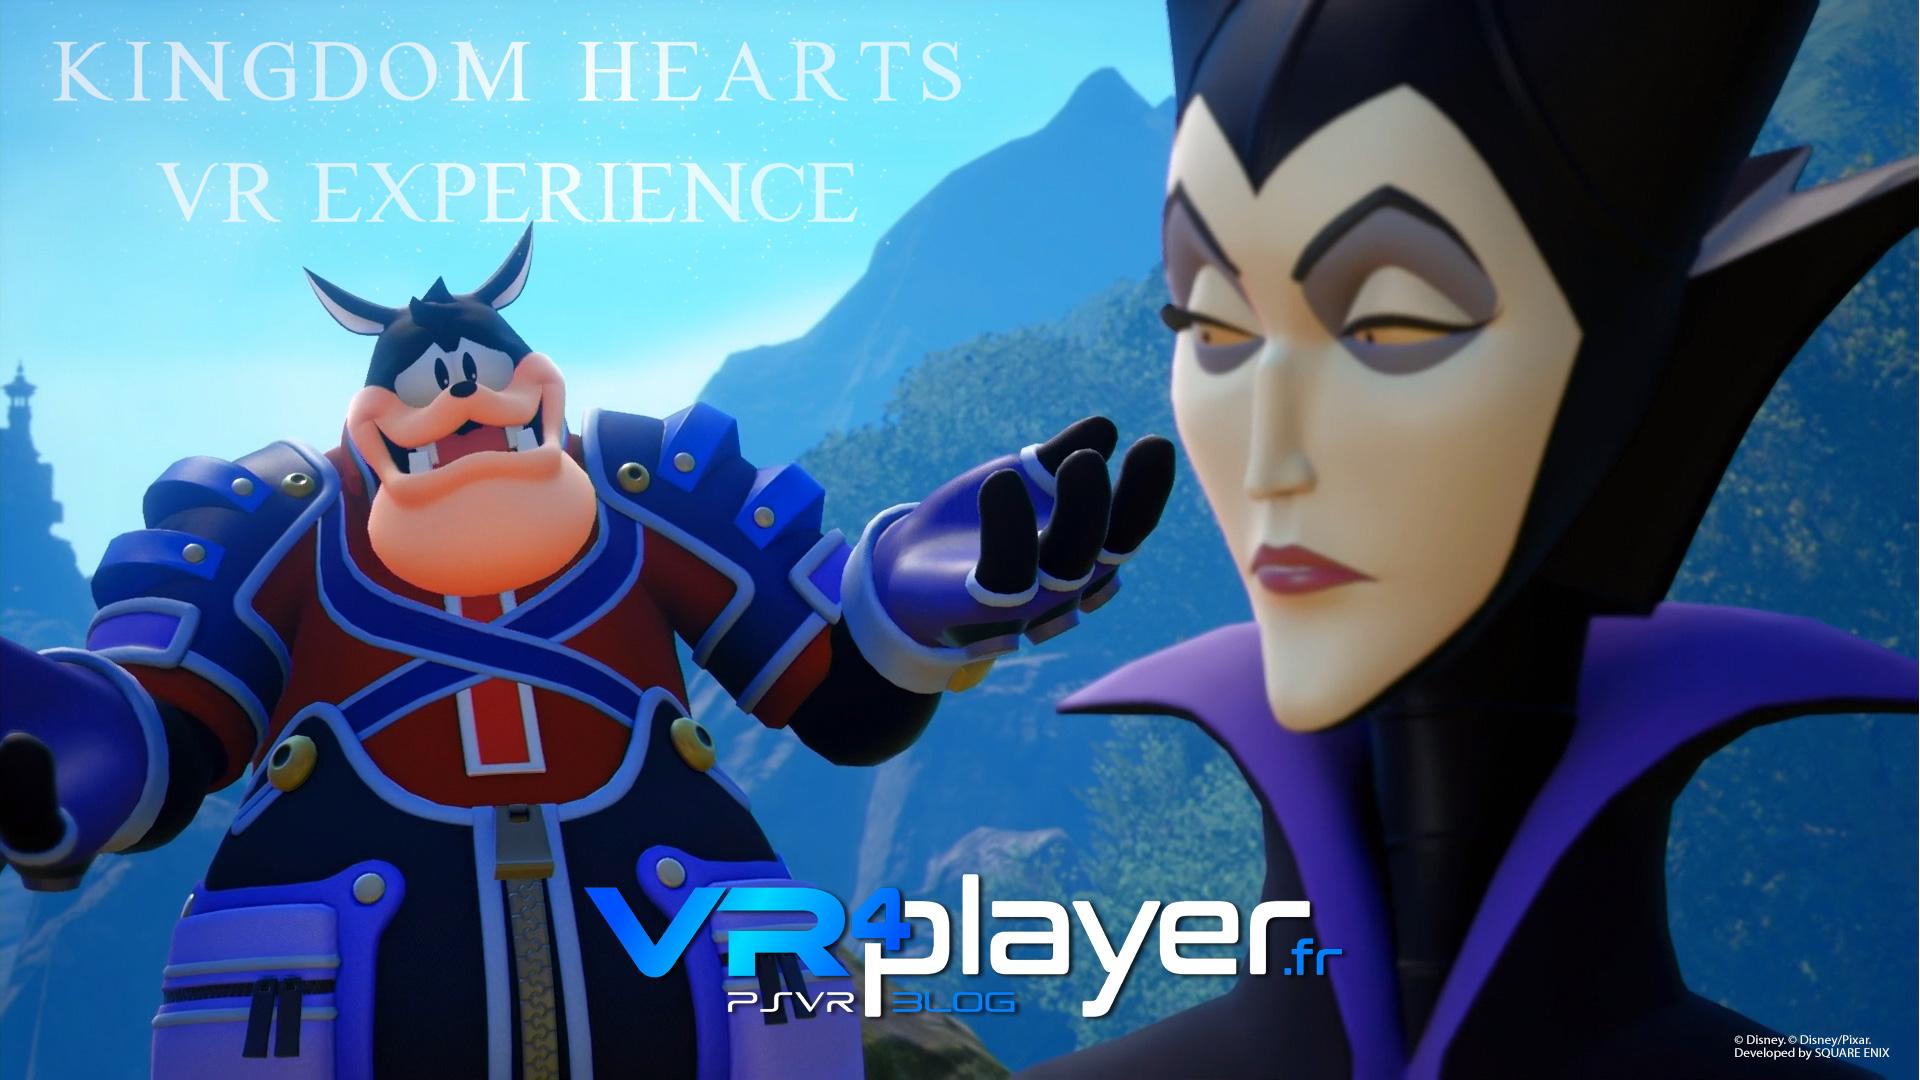 Deuxième retard pour Kingdom Hearts VR Experience sur PSVR - vr4player.fr